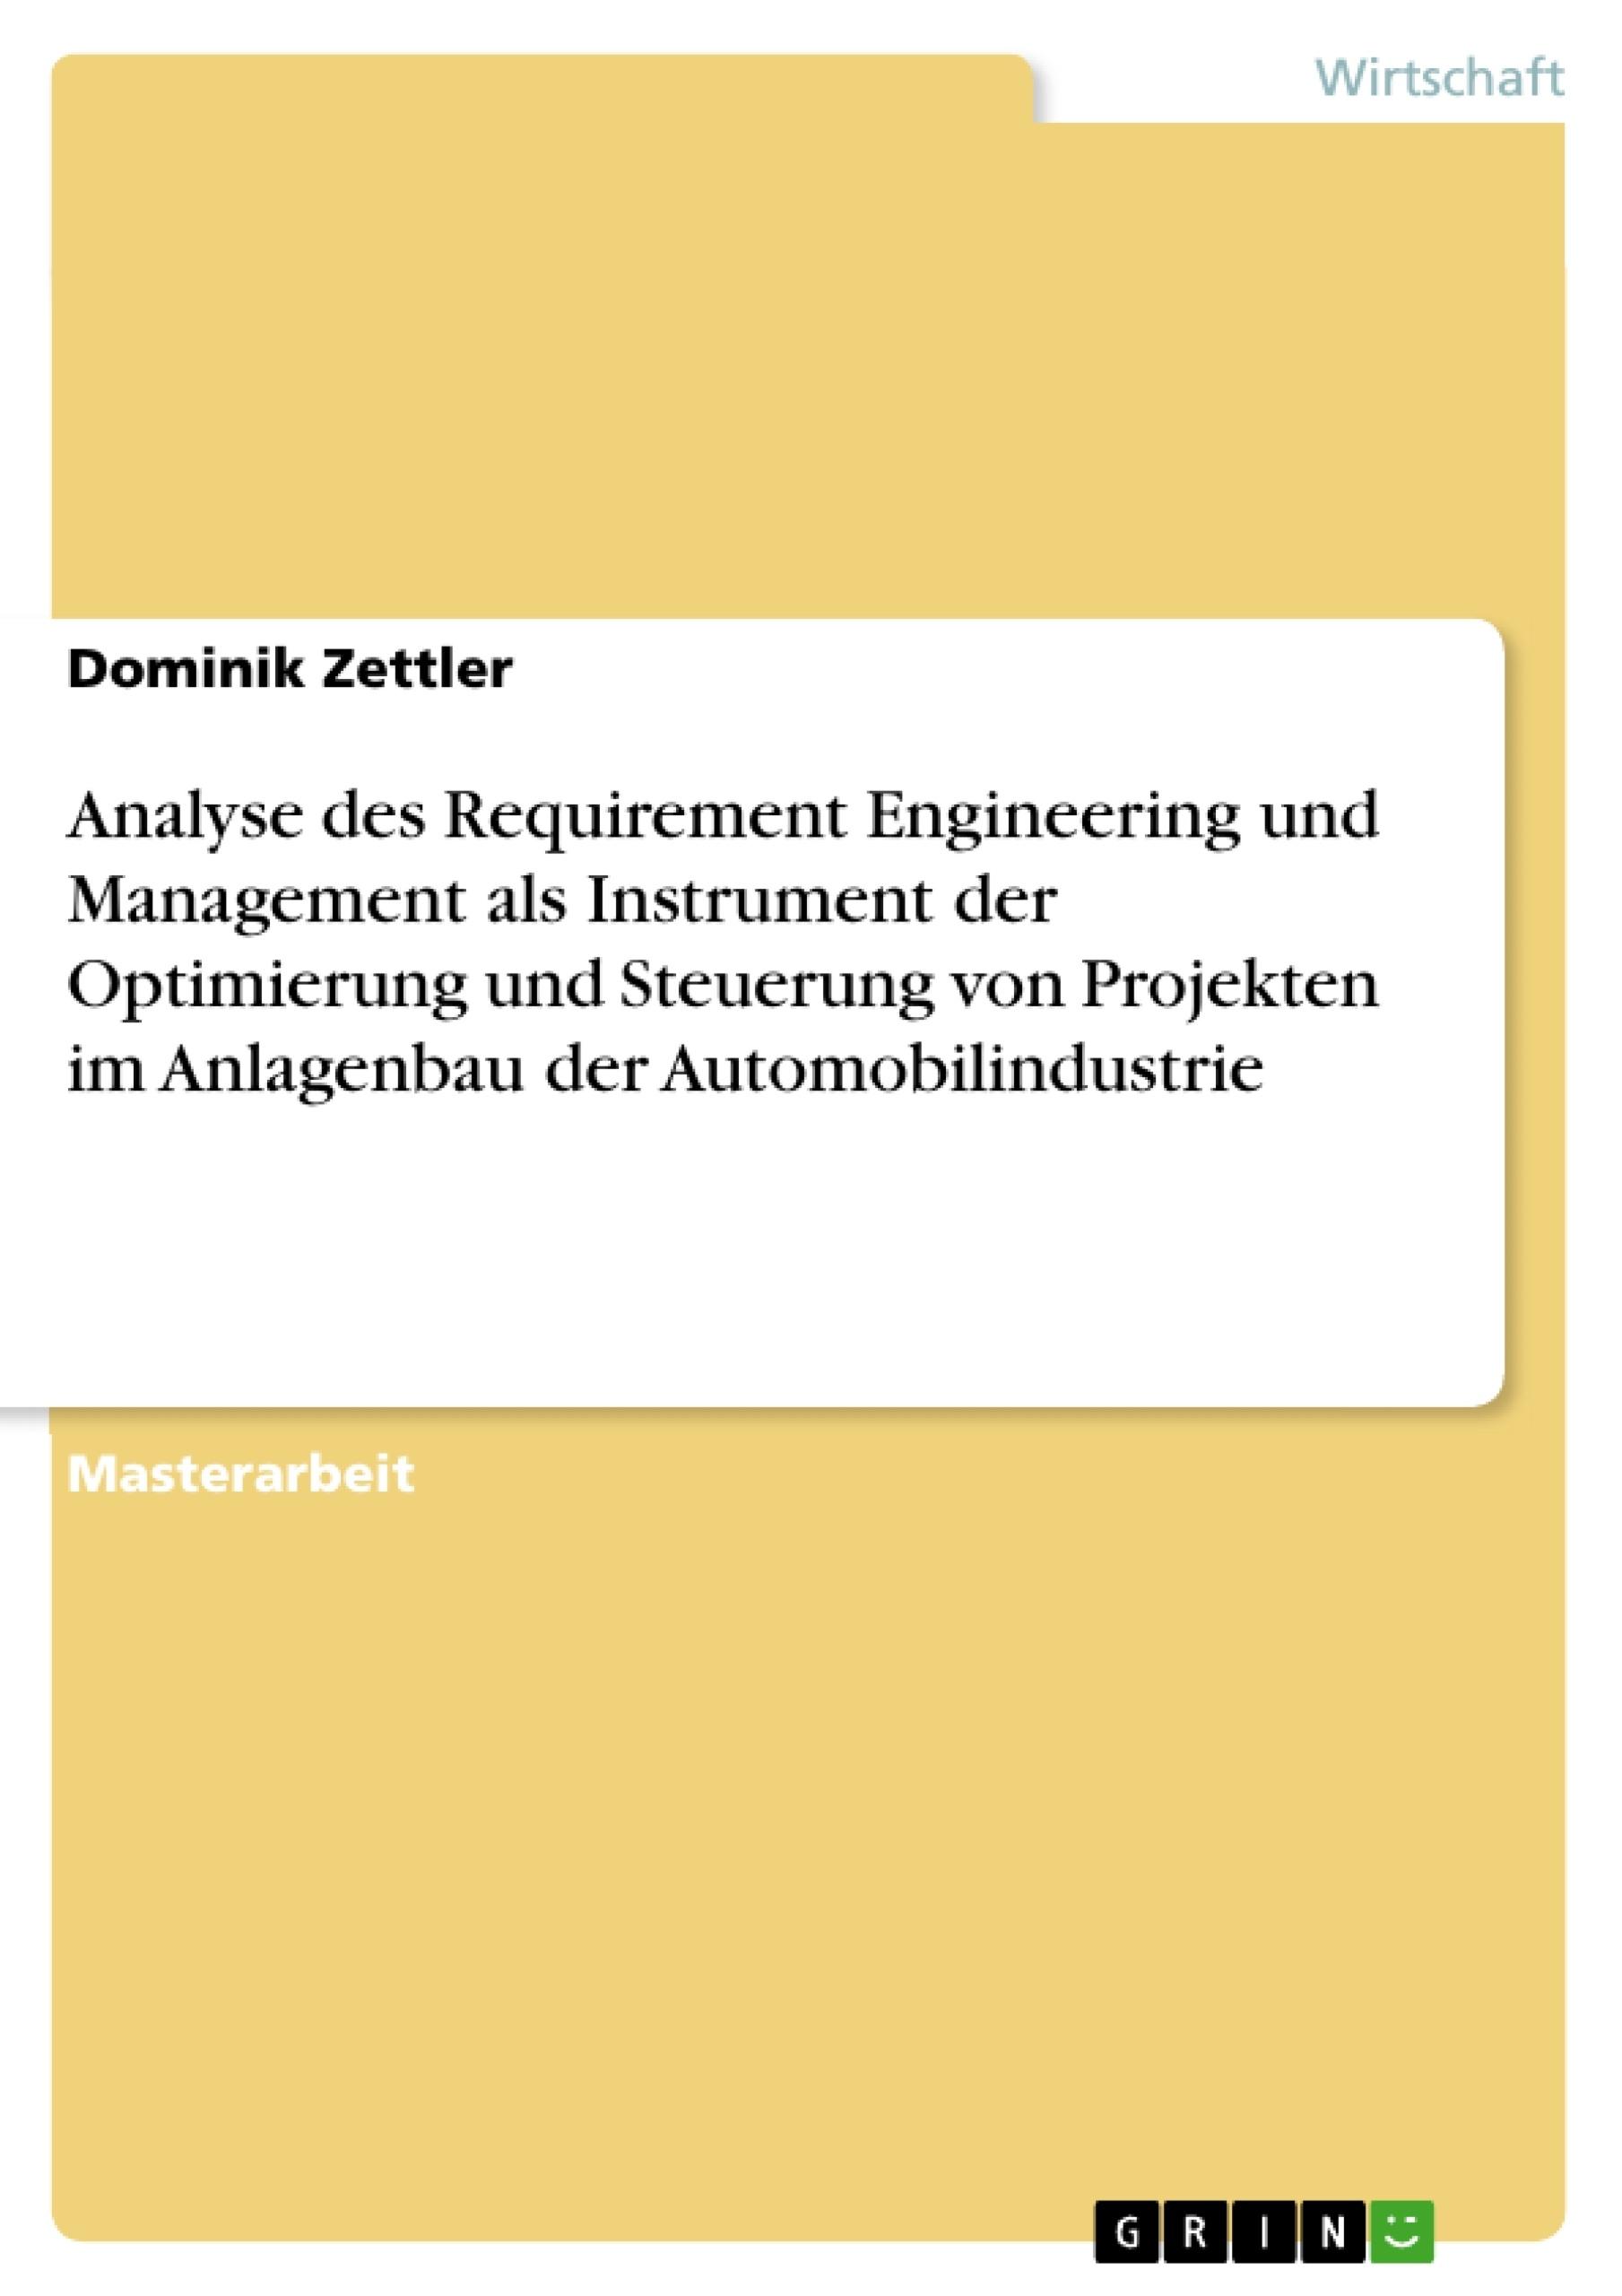 Titel: Analyse des Requirement Engineering und Management als Instrument der Optimierung und Steuerung von Projekten im Anlagenbau der Automobilindustrie